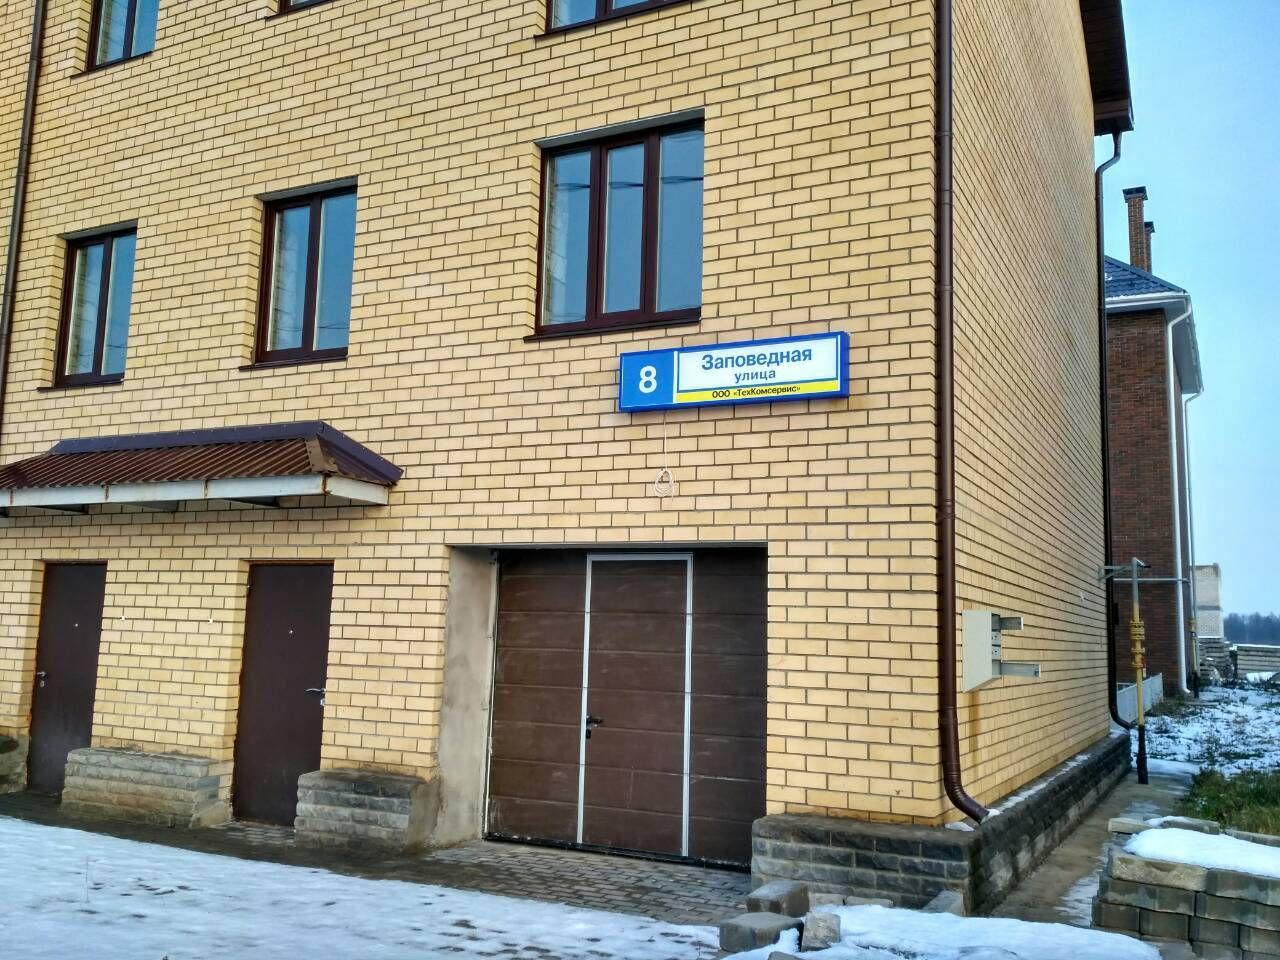 В Кирове в отношении застройщиков жилого комплекса «Новое Сергеево» возбудили уголовное дело.